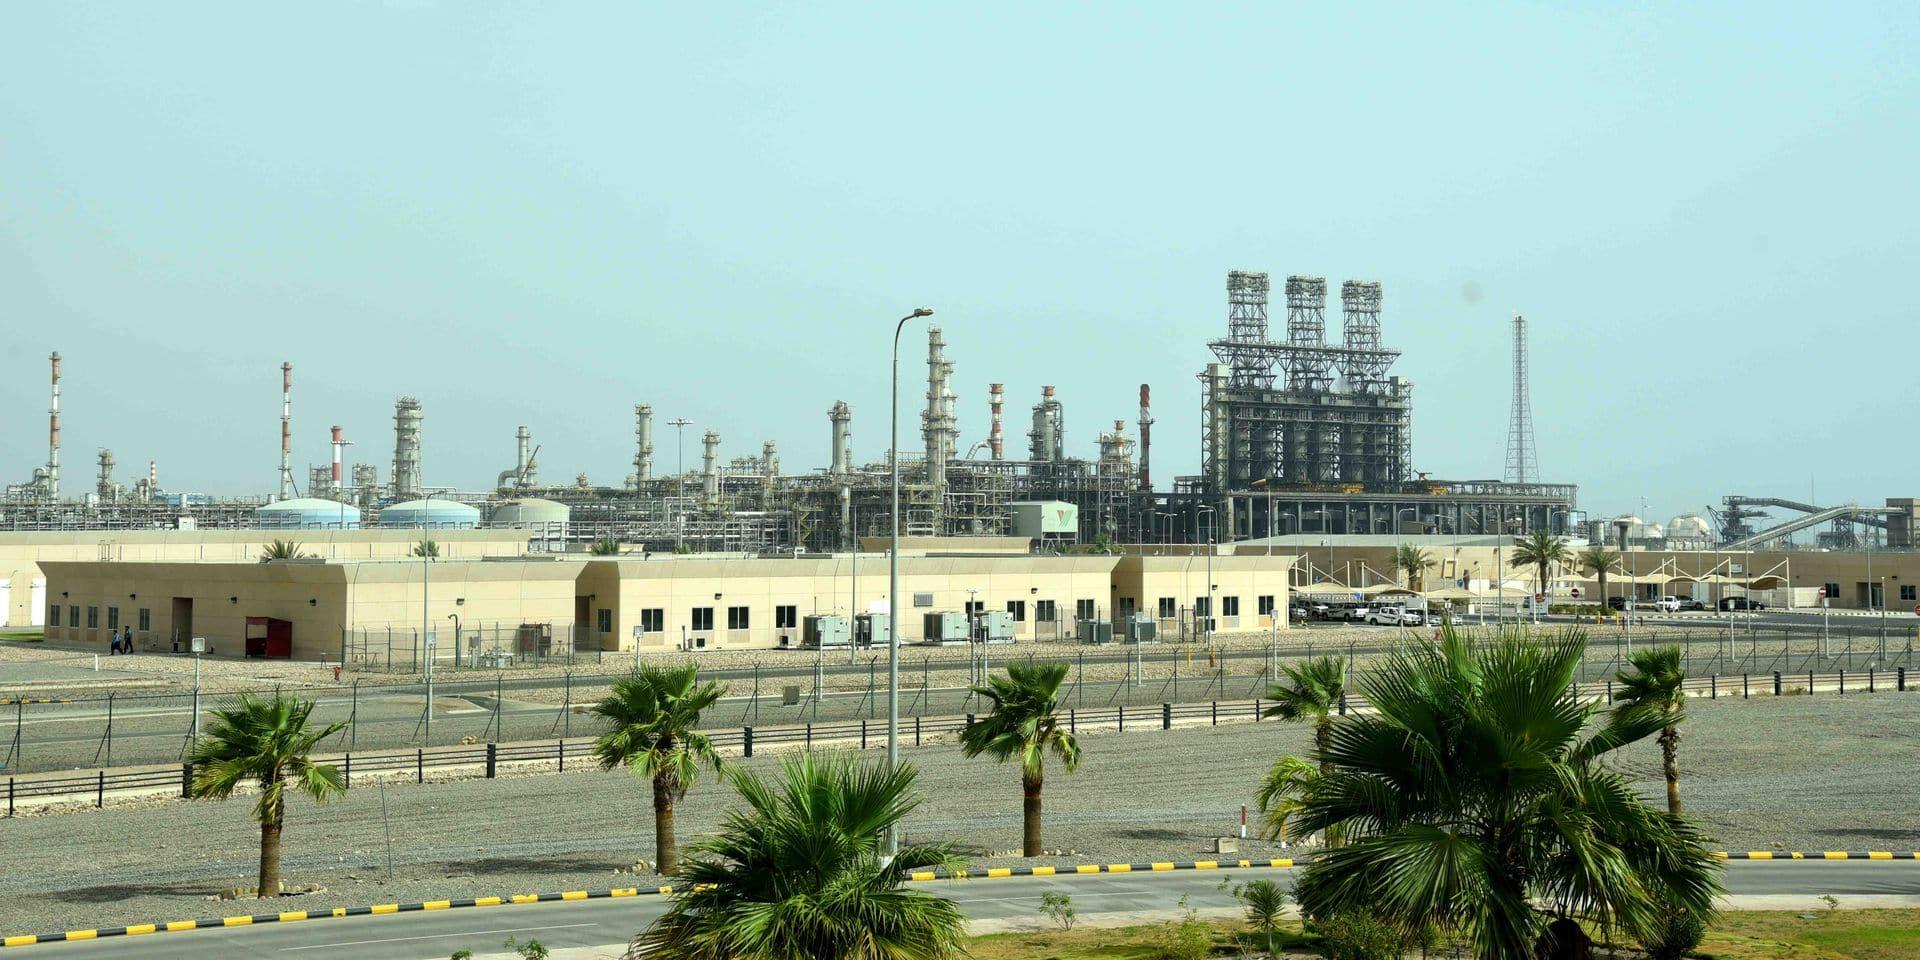 Le Saoudien Aramco, qui vise une introduction en bourse, dévoile un bénéfice en baisse